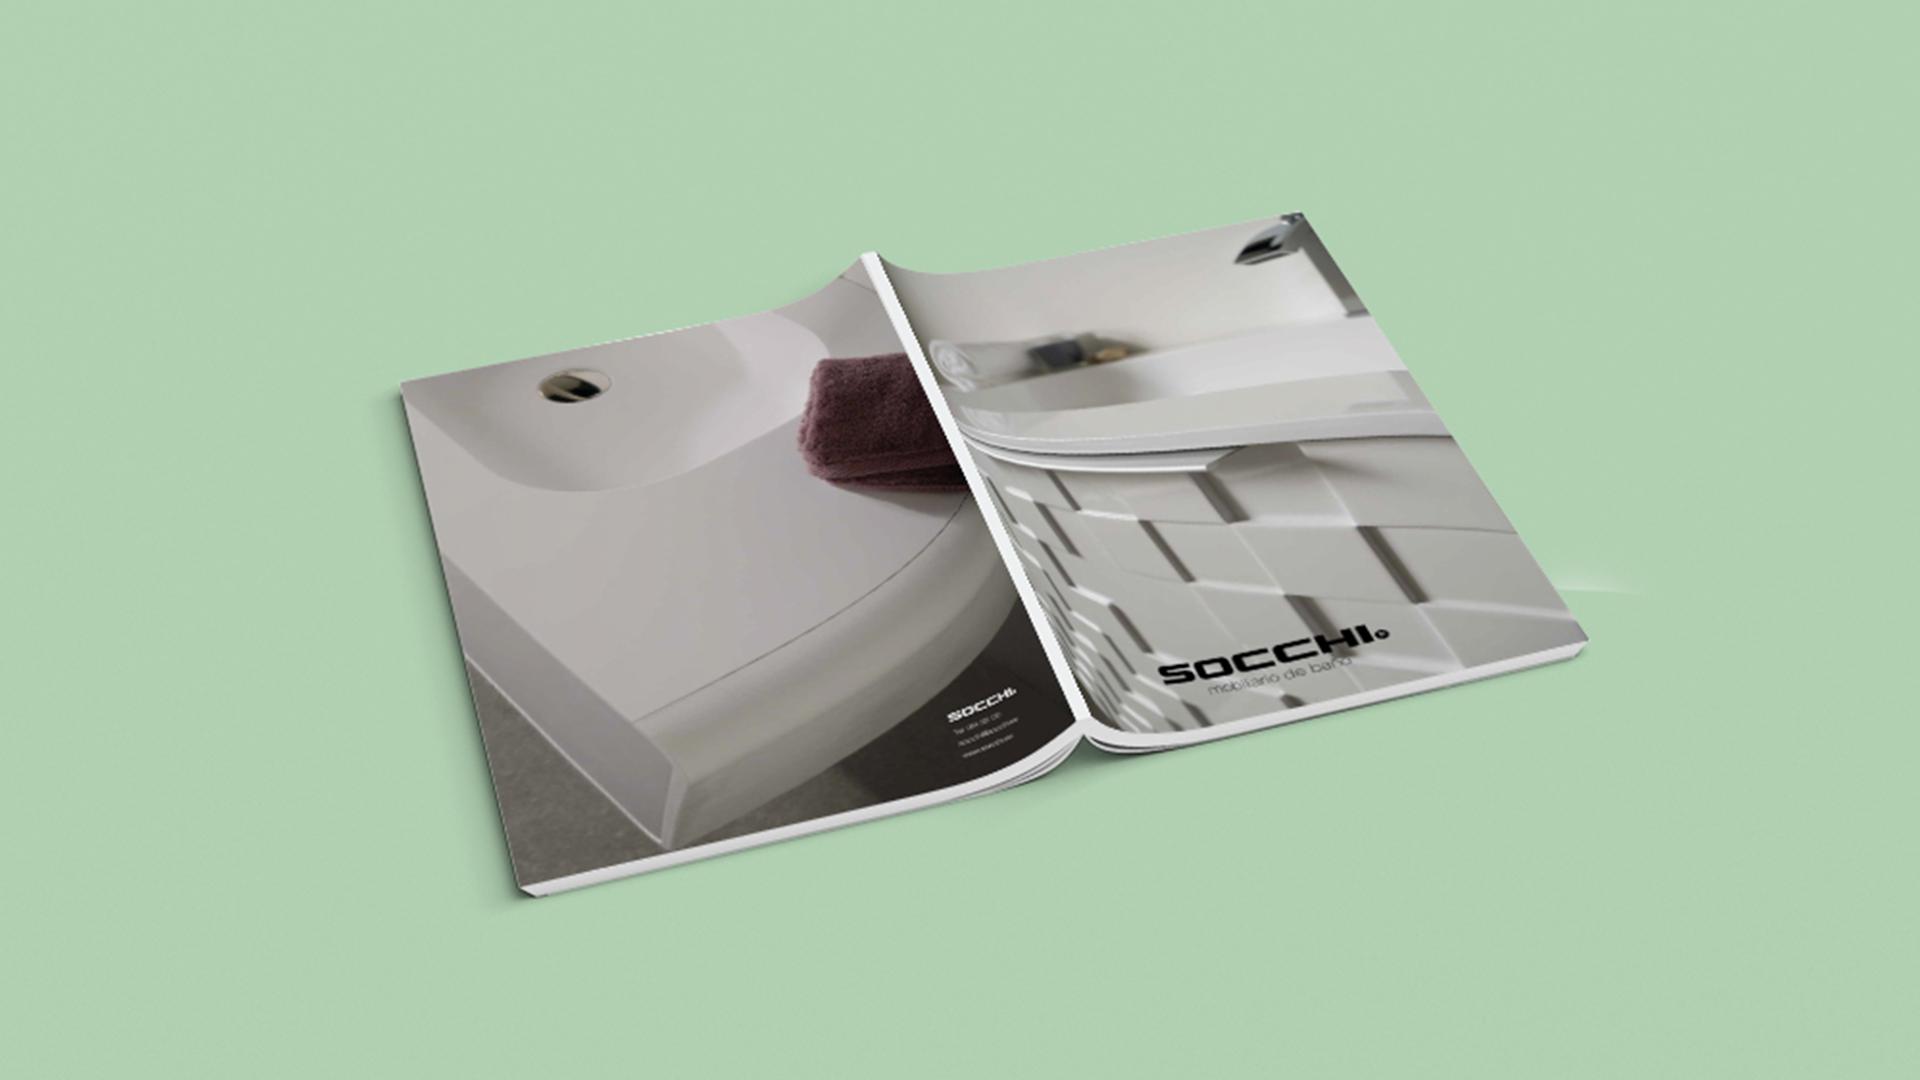 SOCCHI Mockup 01